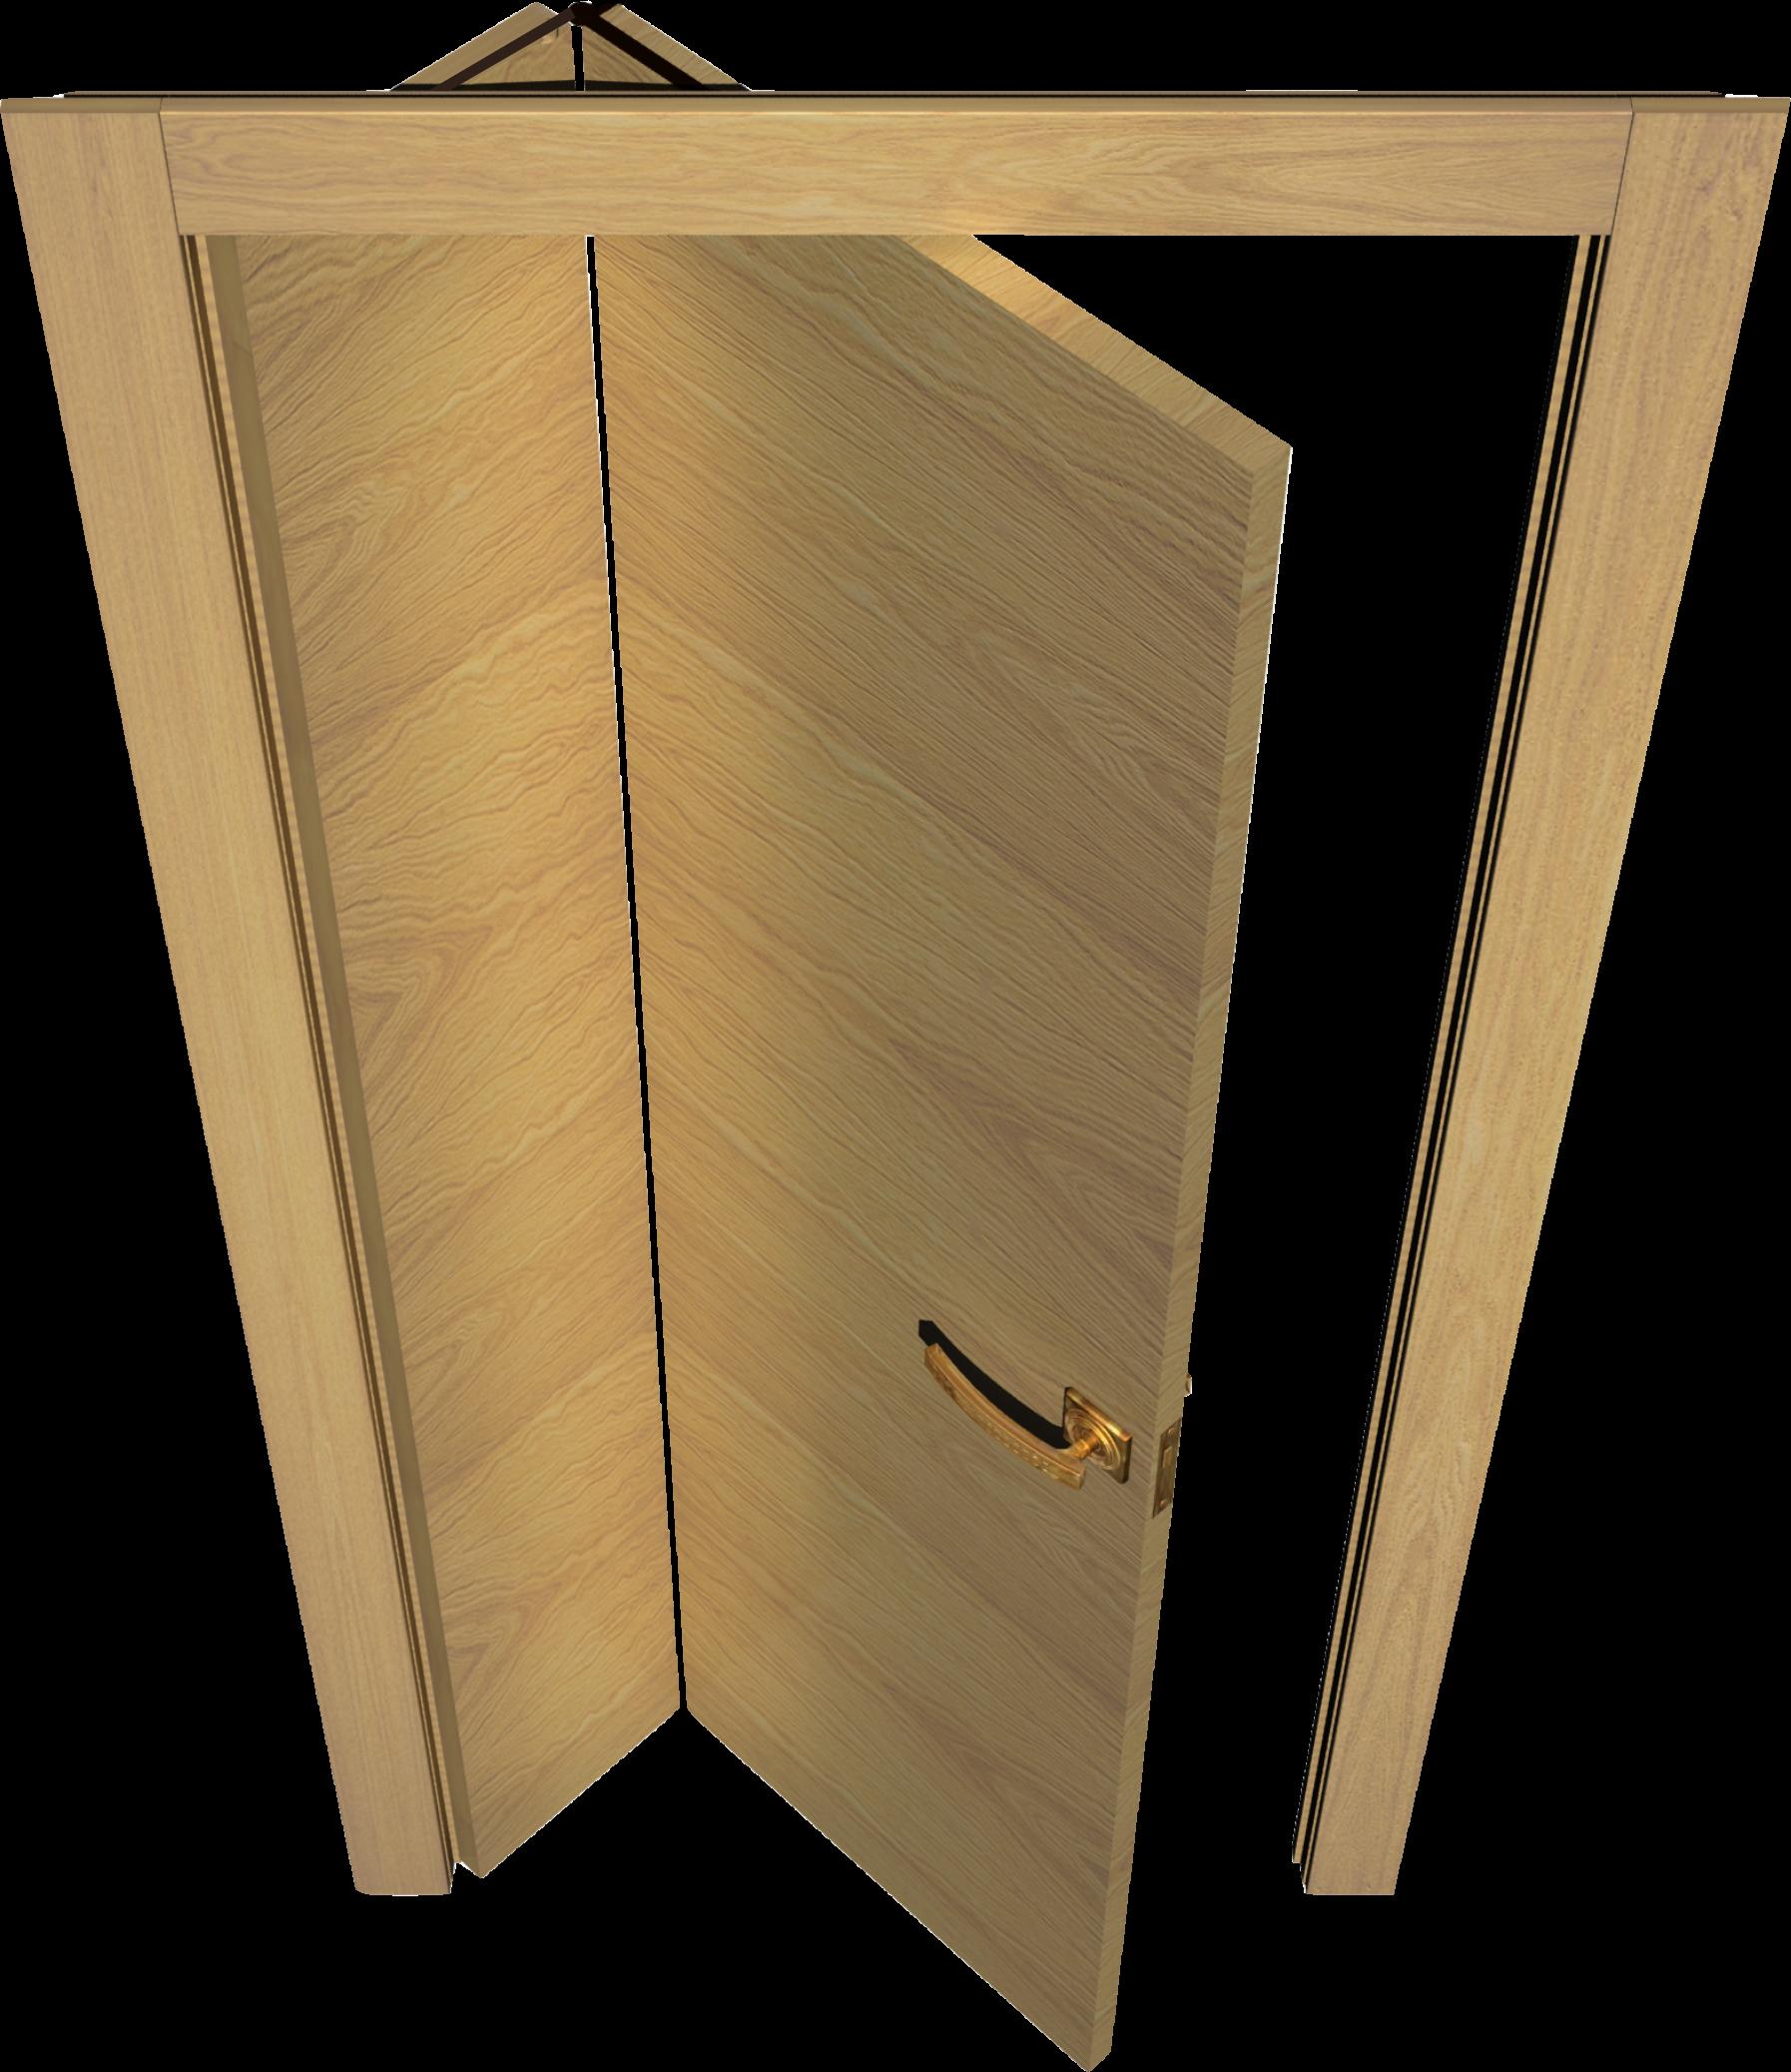 Как самому сделать складную межкомнатную дверь 24